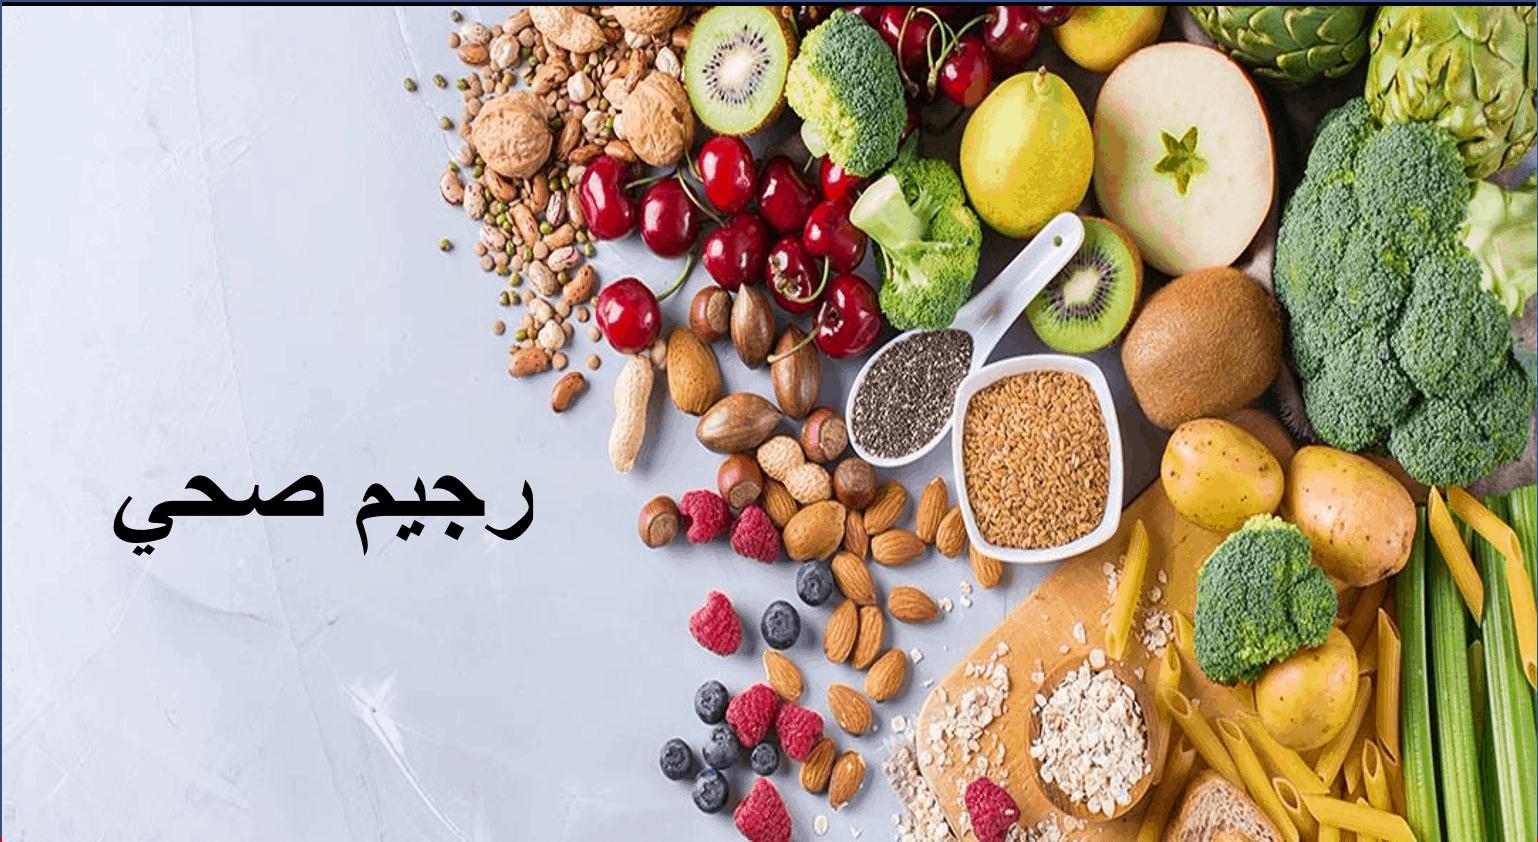 افضل رجيم صحي لإنقاص الوزن In 2020 Antioxidants Food Cbd